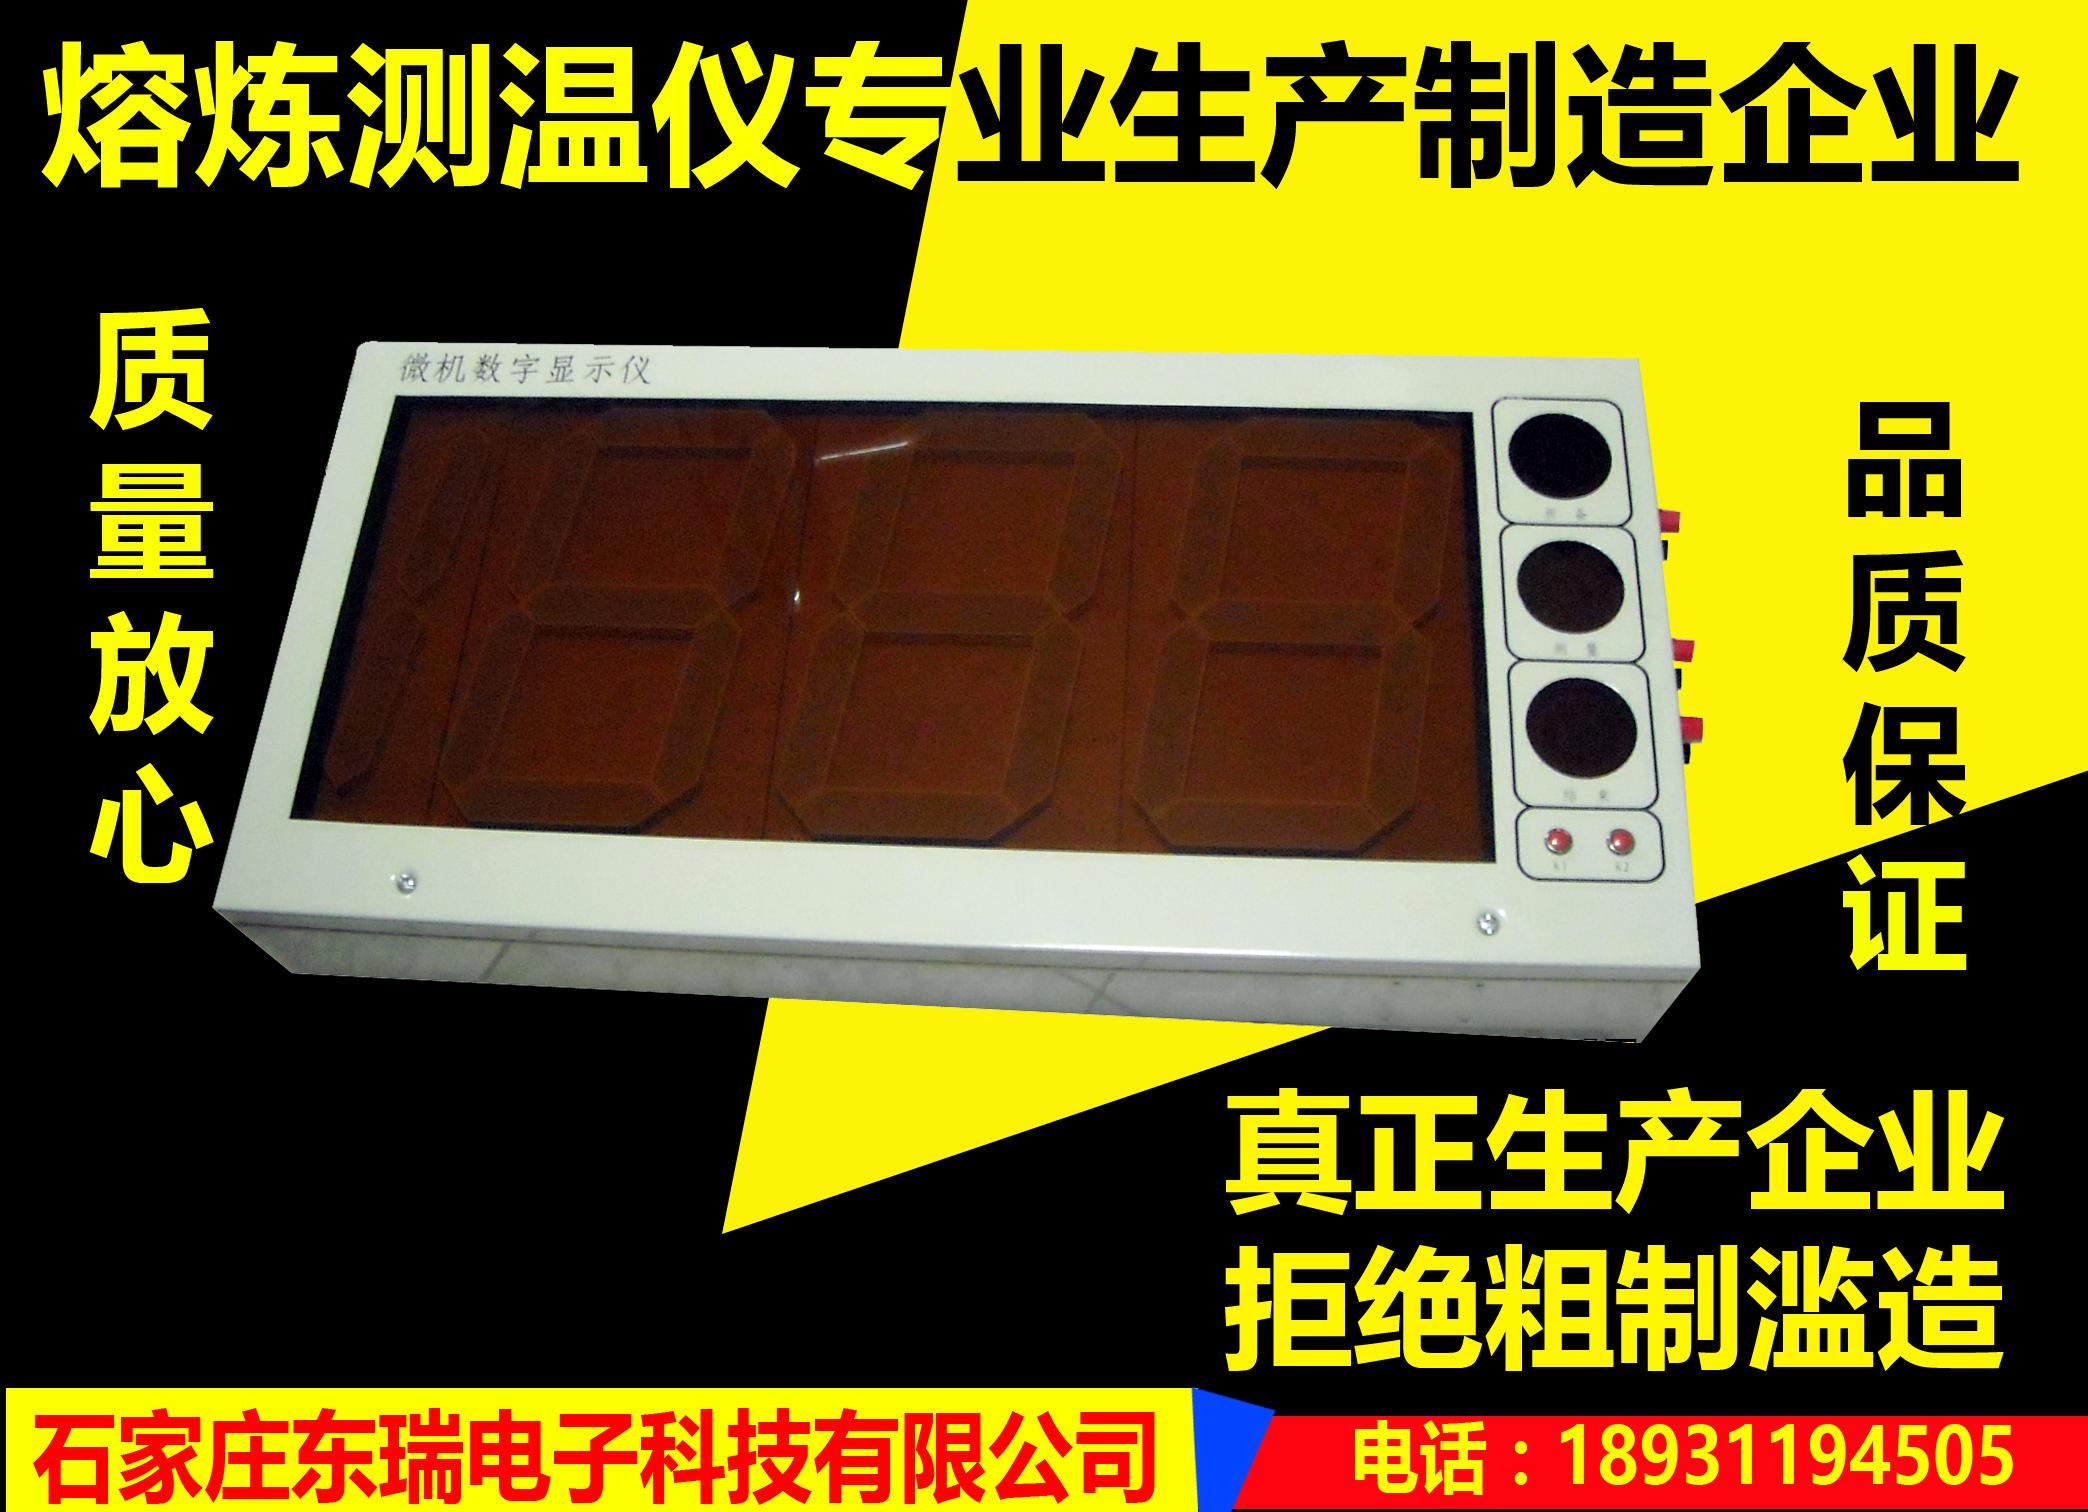 供应超大钢水温度显示大屏幕河北微机钢水测温仪报价  泊头超大屏幕钢水测温仪报价